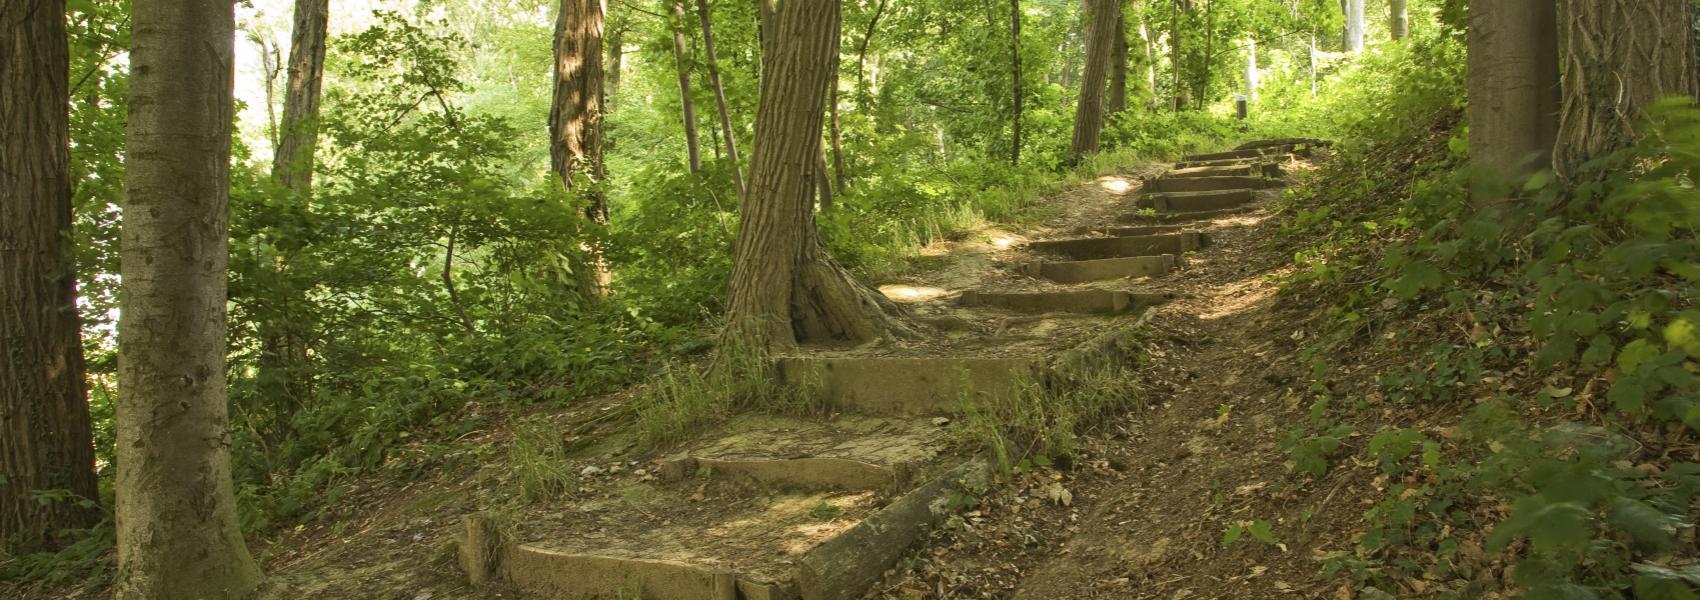 houten trap in het bos